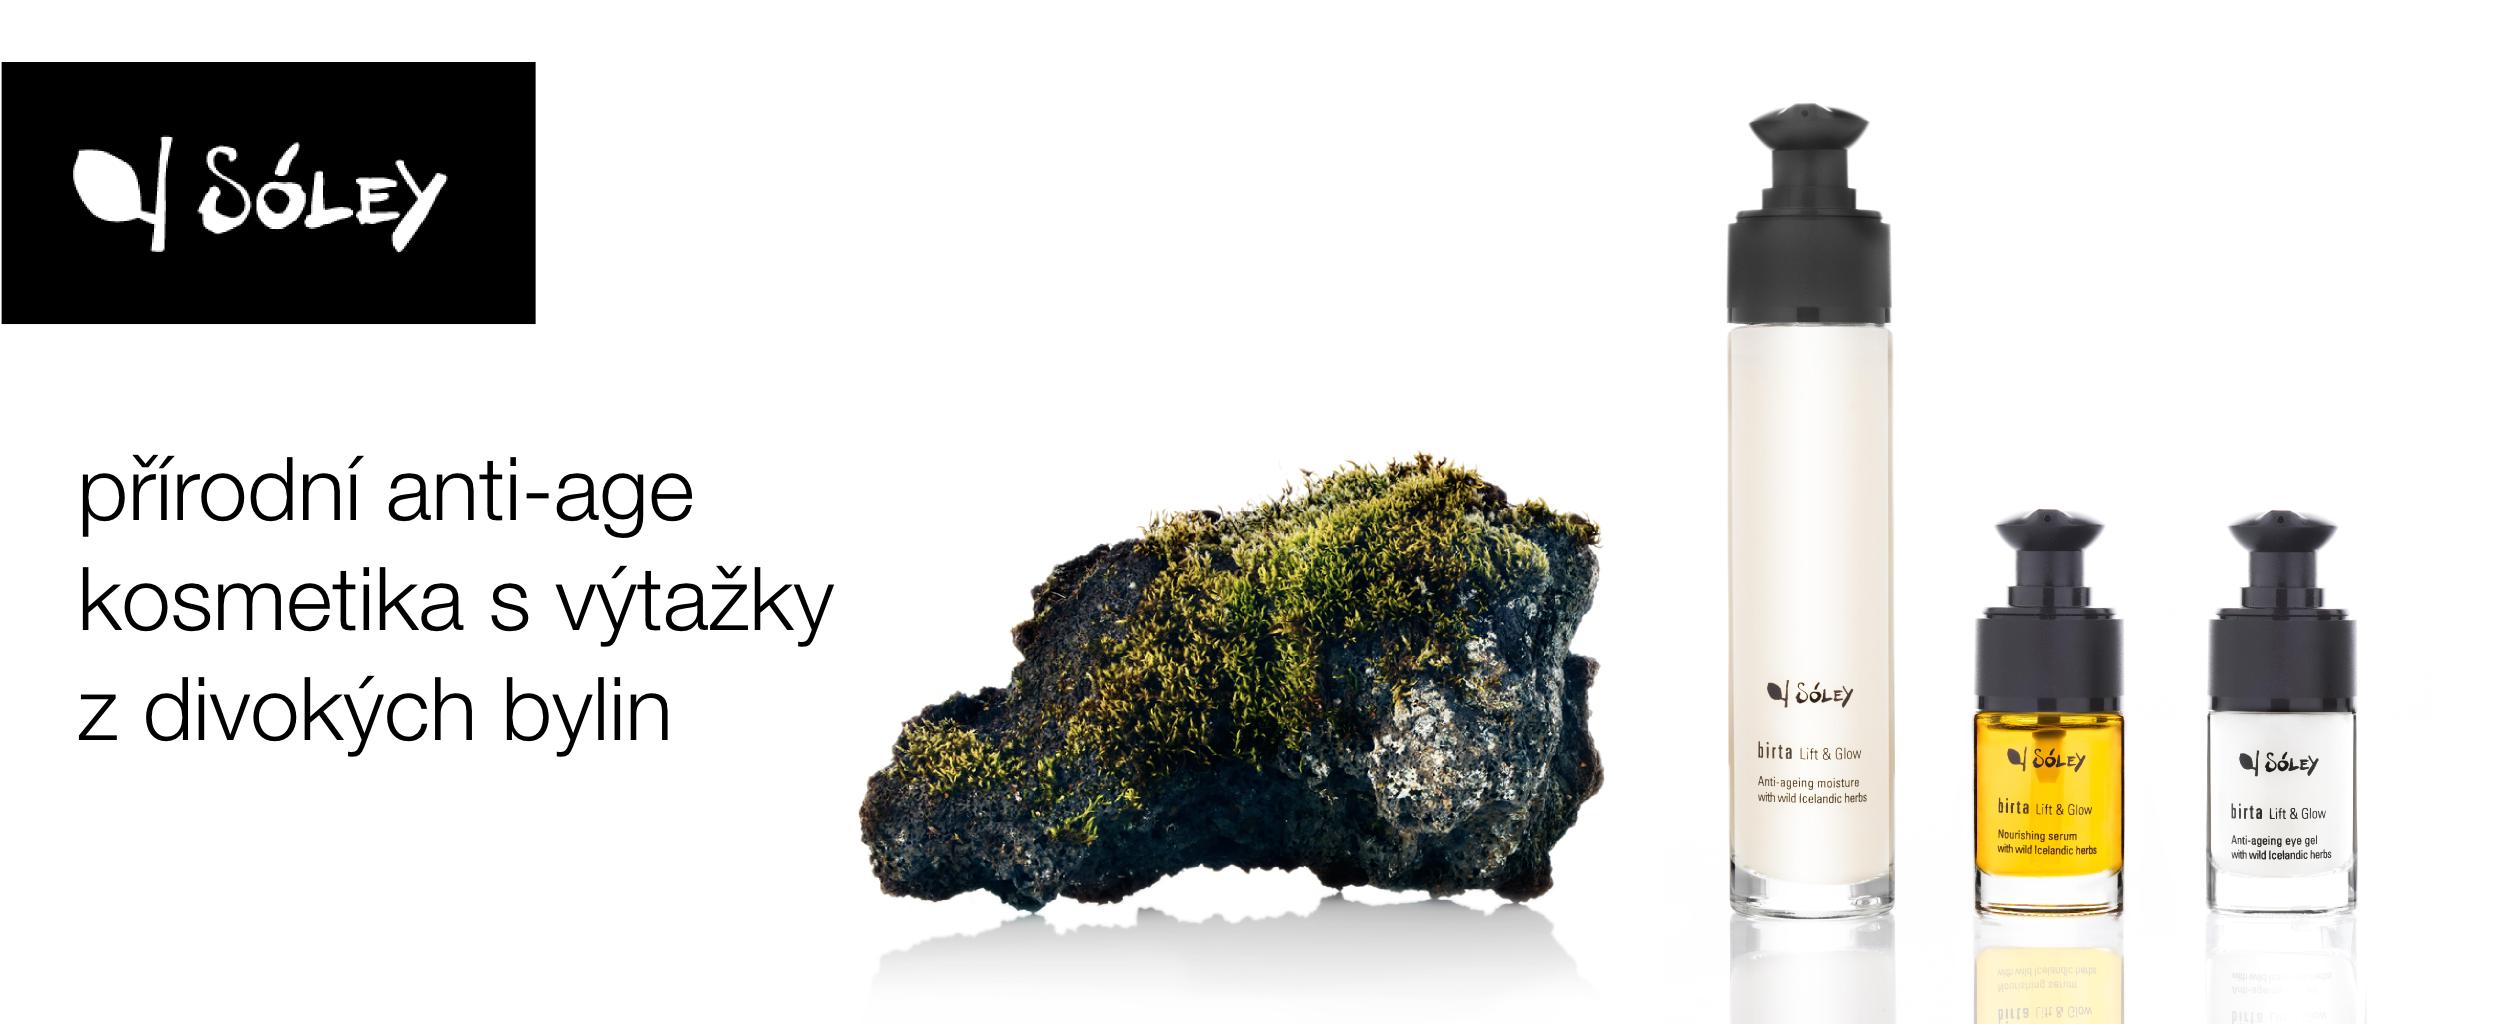 Sóley - přírodní anti-age kosmetika